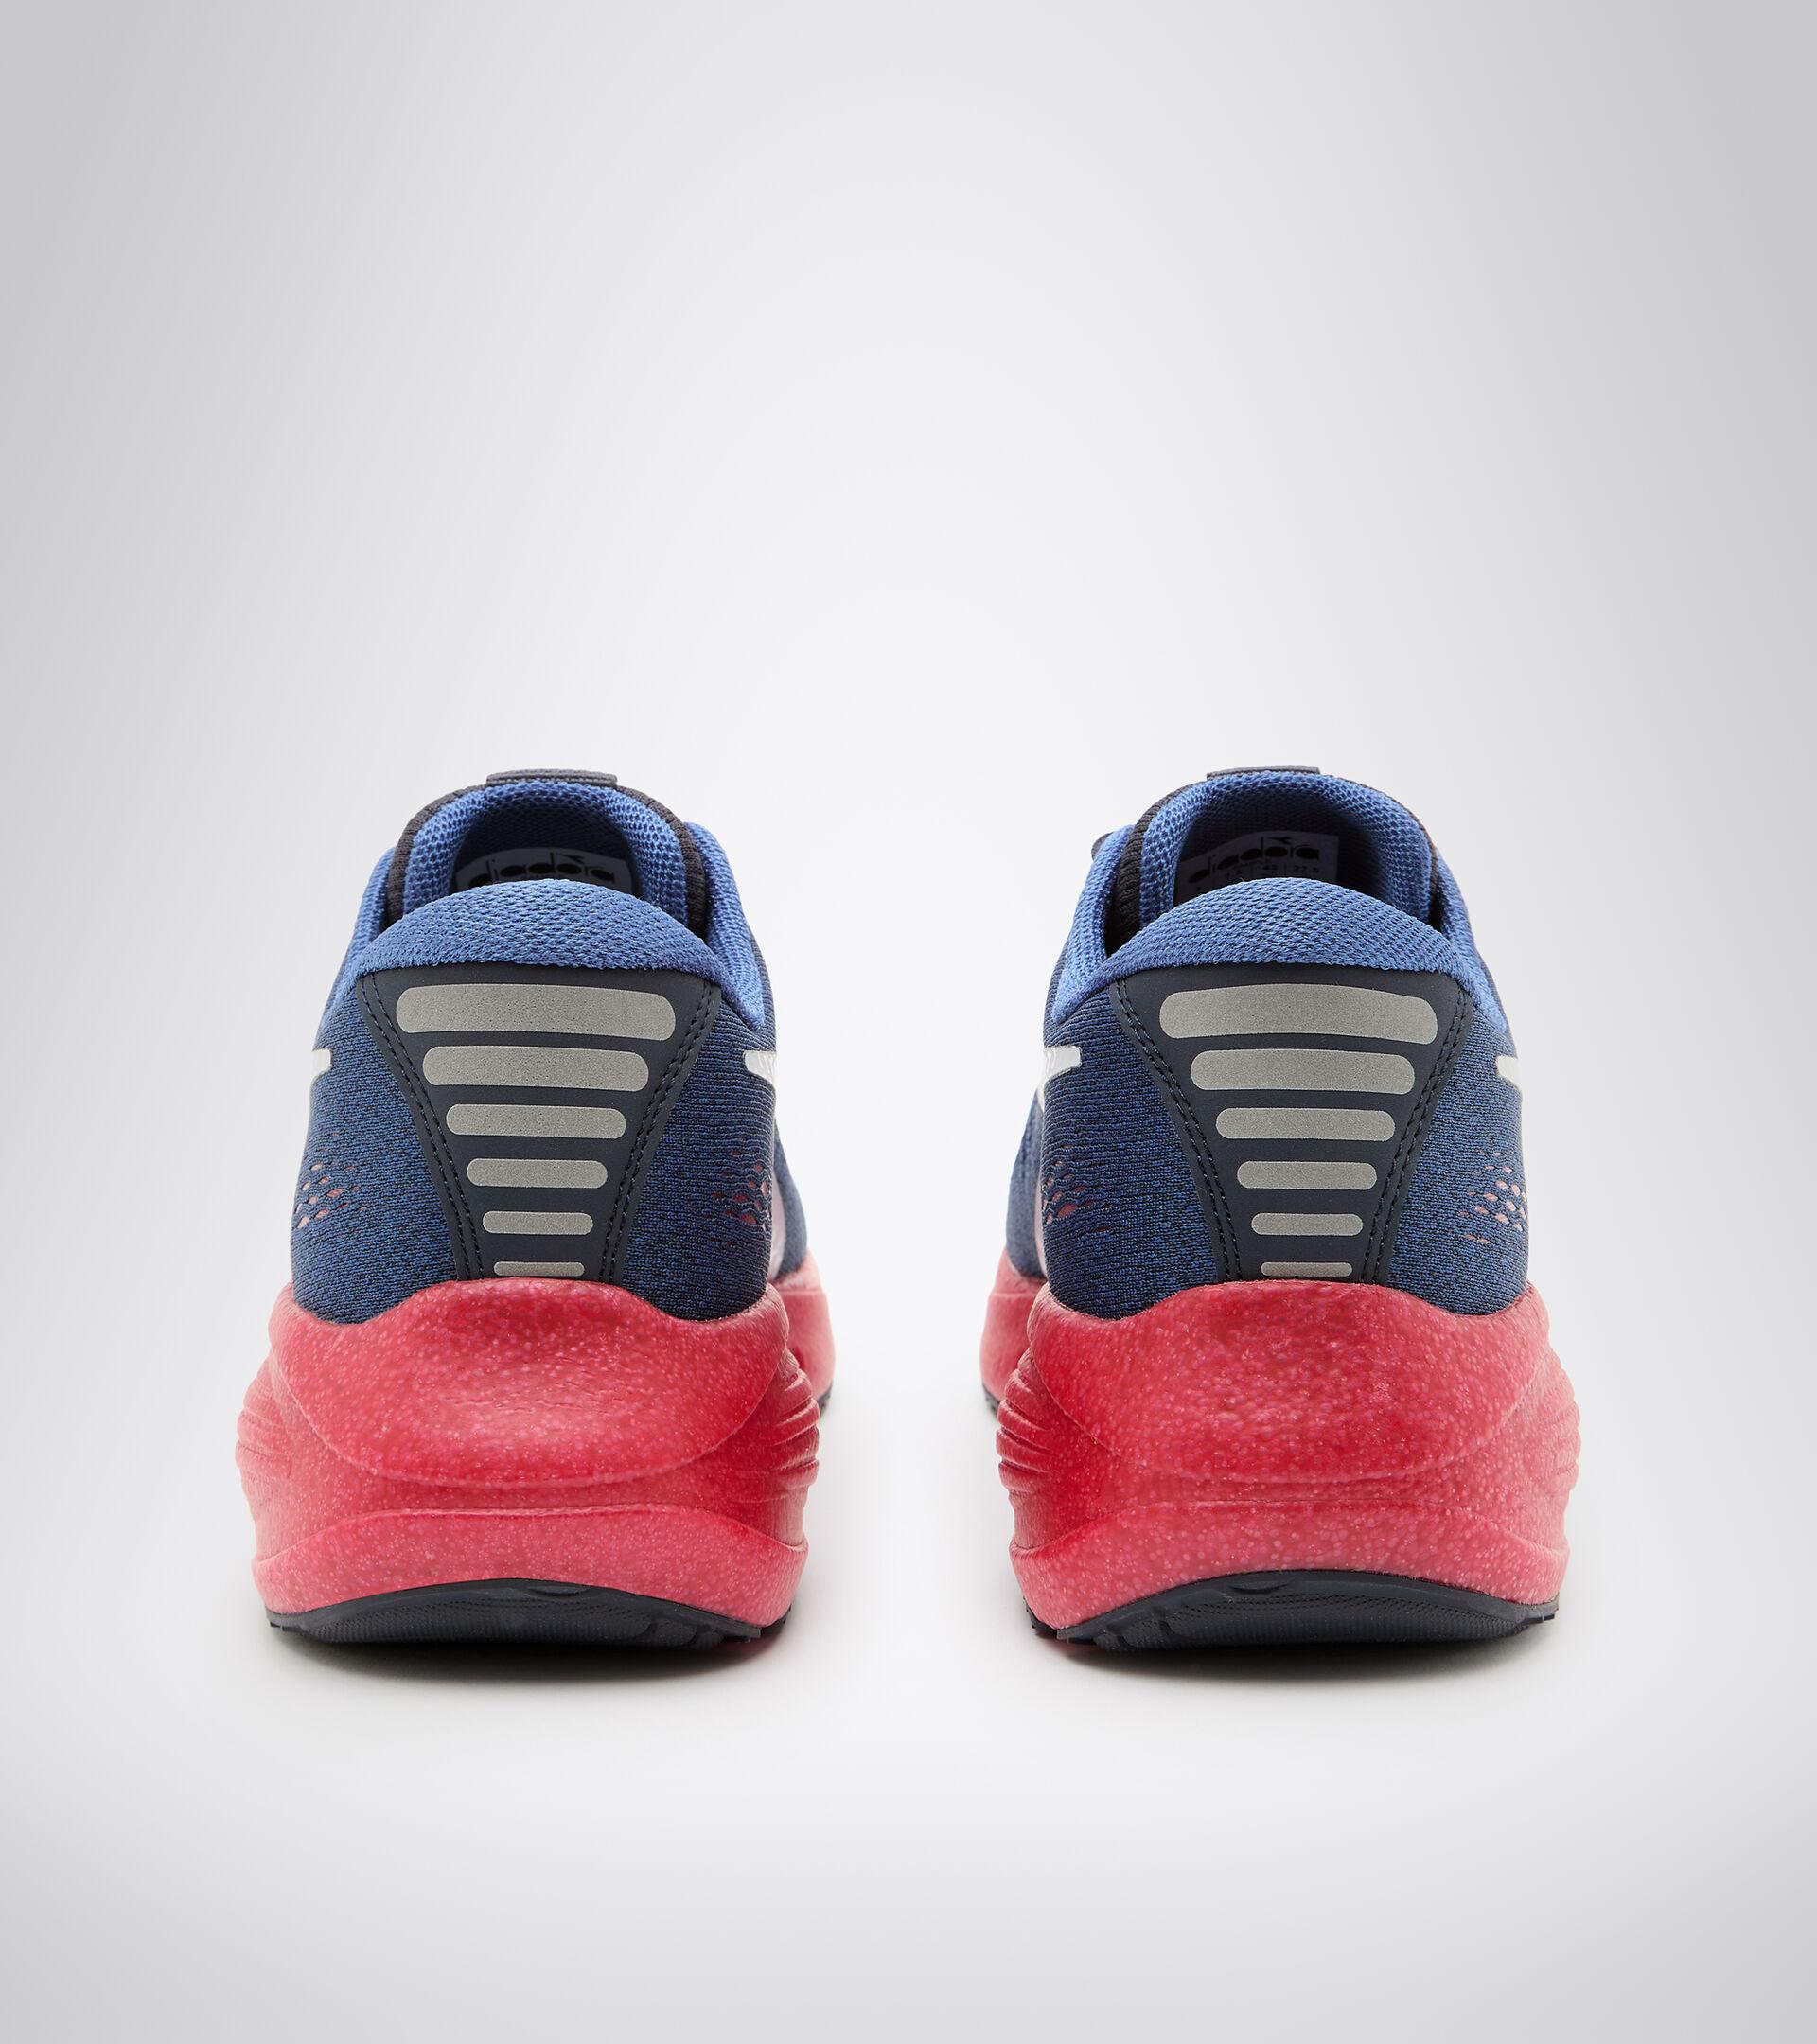 Footwear Sport UOMO FRECCIA BLU FEDERALE/BLU CORSARO/BCO Diadora